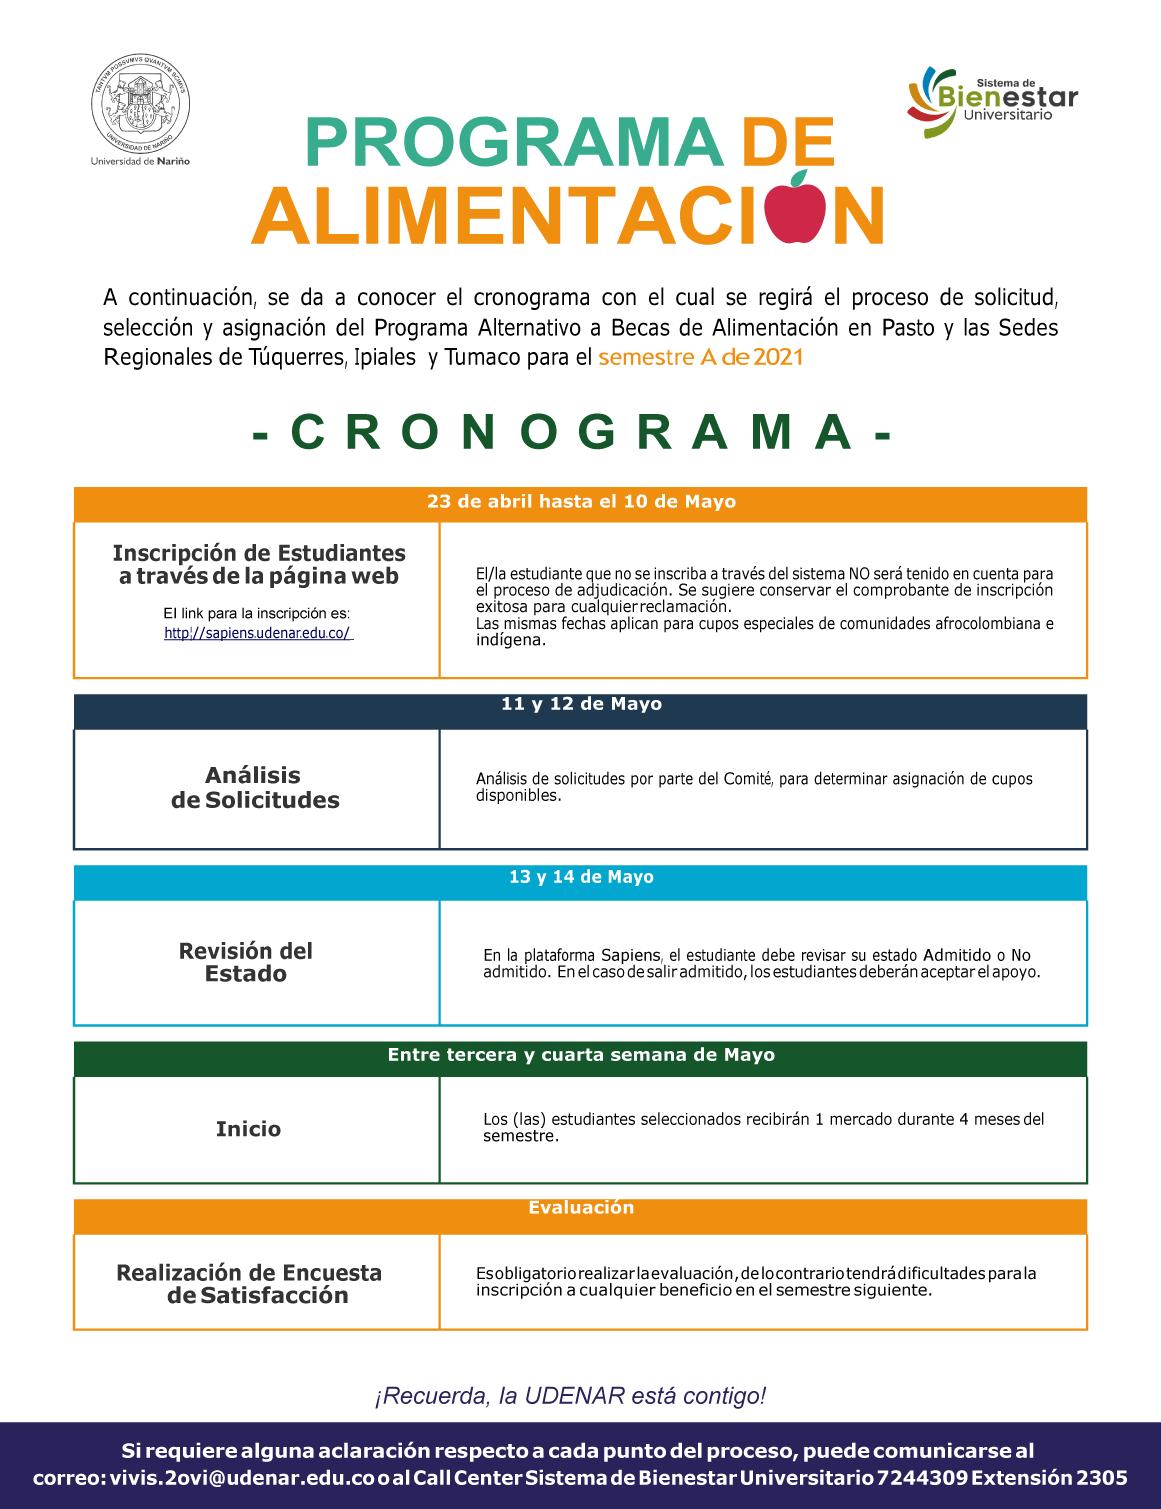 cronograma-alimentacion-2021-A